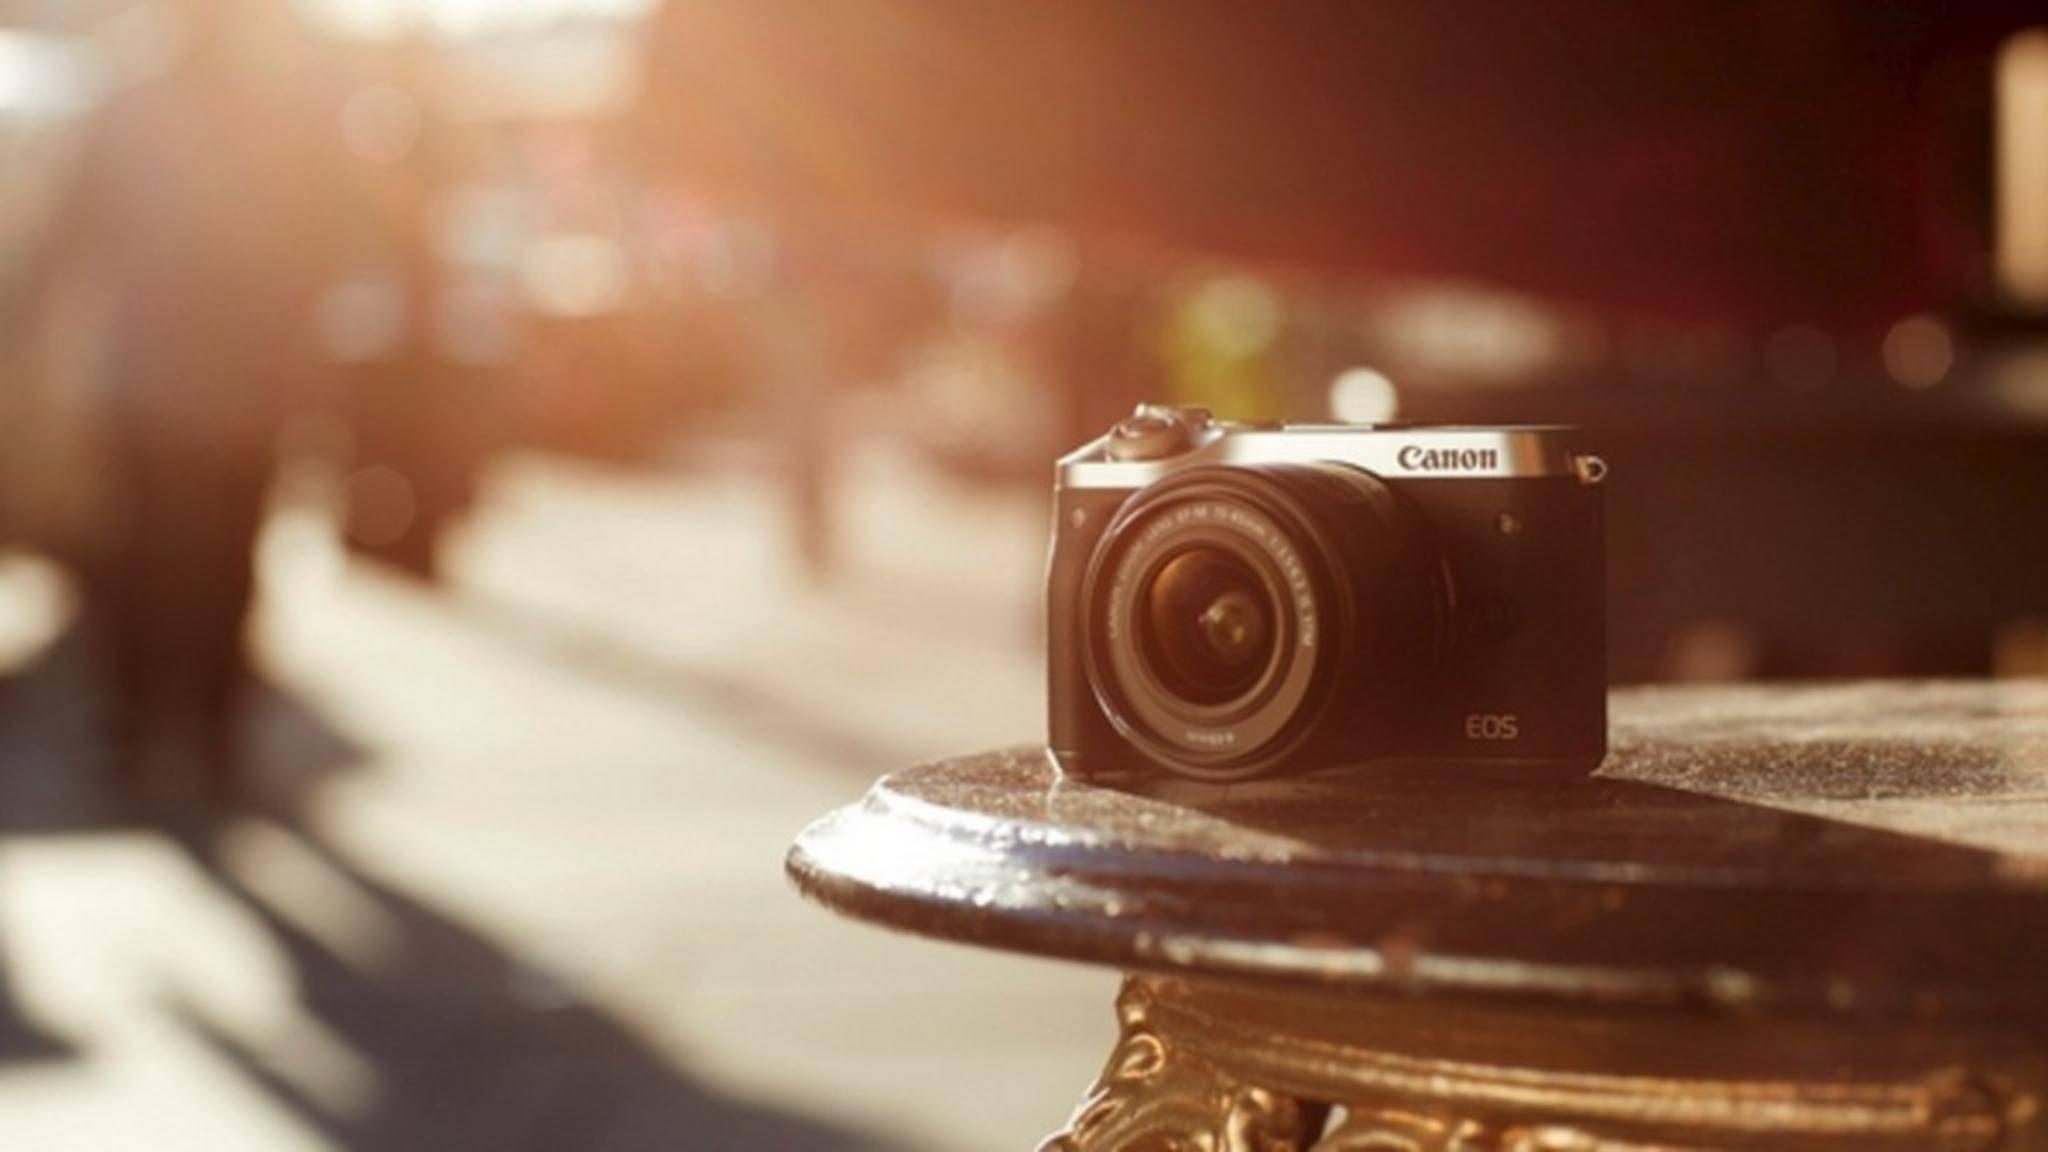 Die Canon EOS M6 verjüngt die M-Serie an Systemkameras mit neuester Canon-Technik.